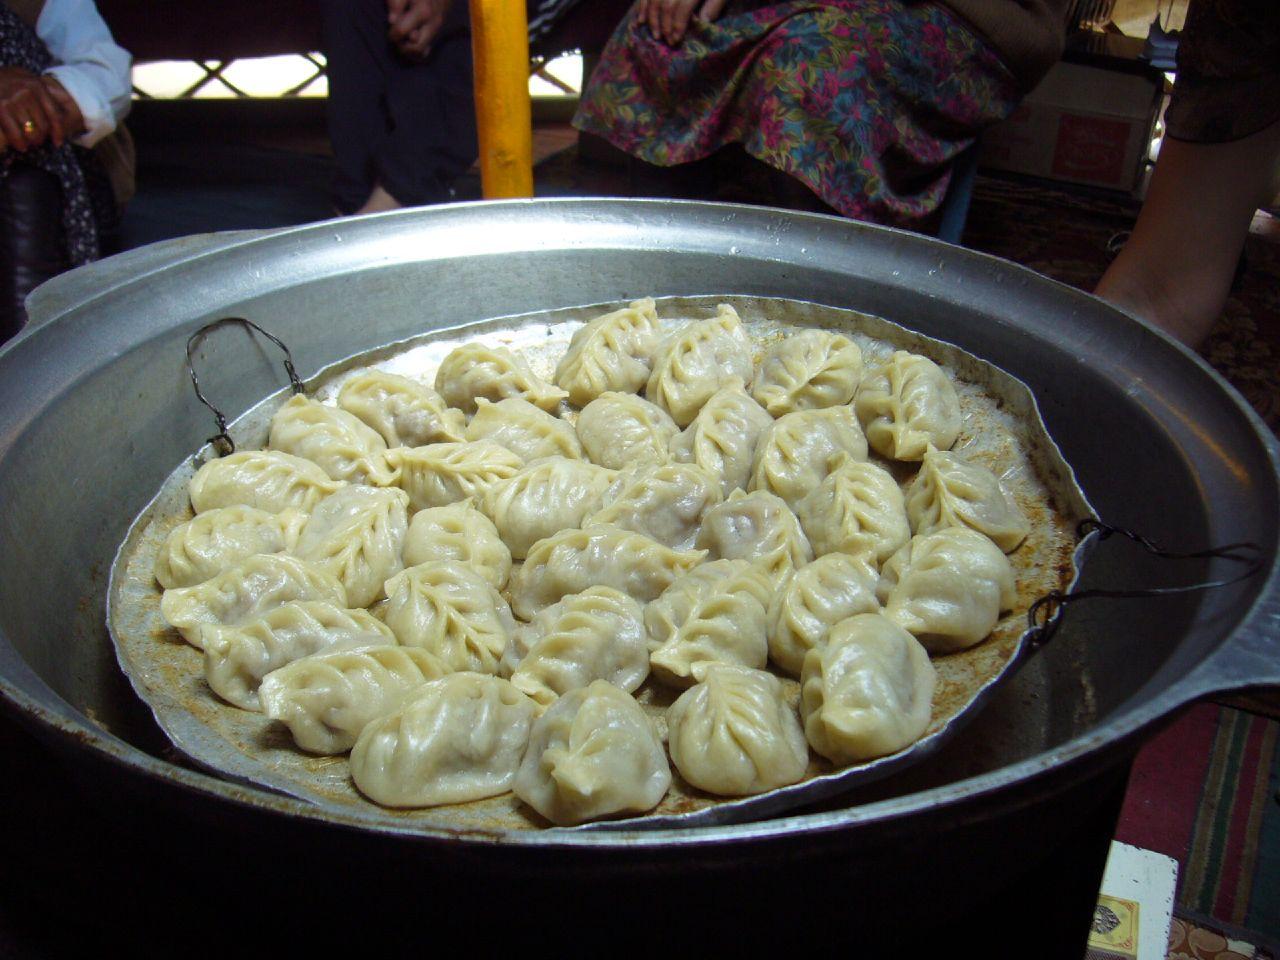 La nourriture mongole voyage mongolie - Cuisine mongole recettes ...